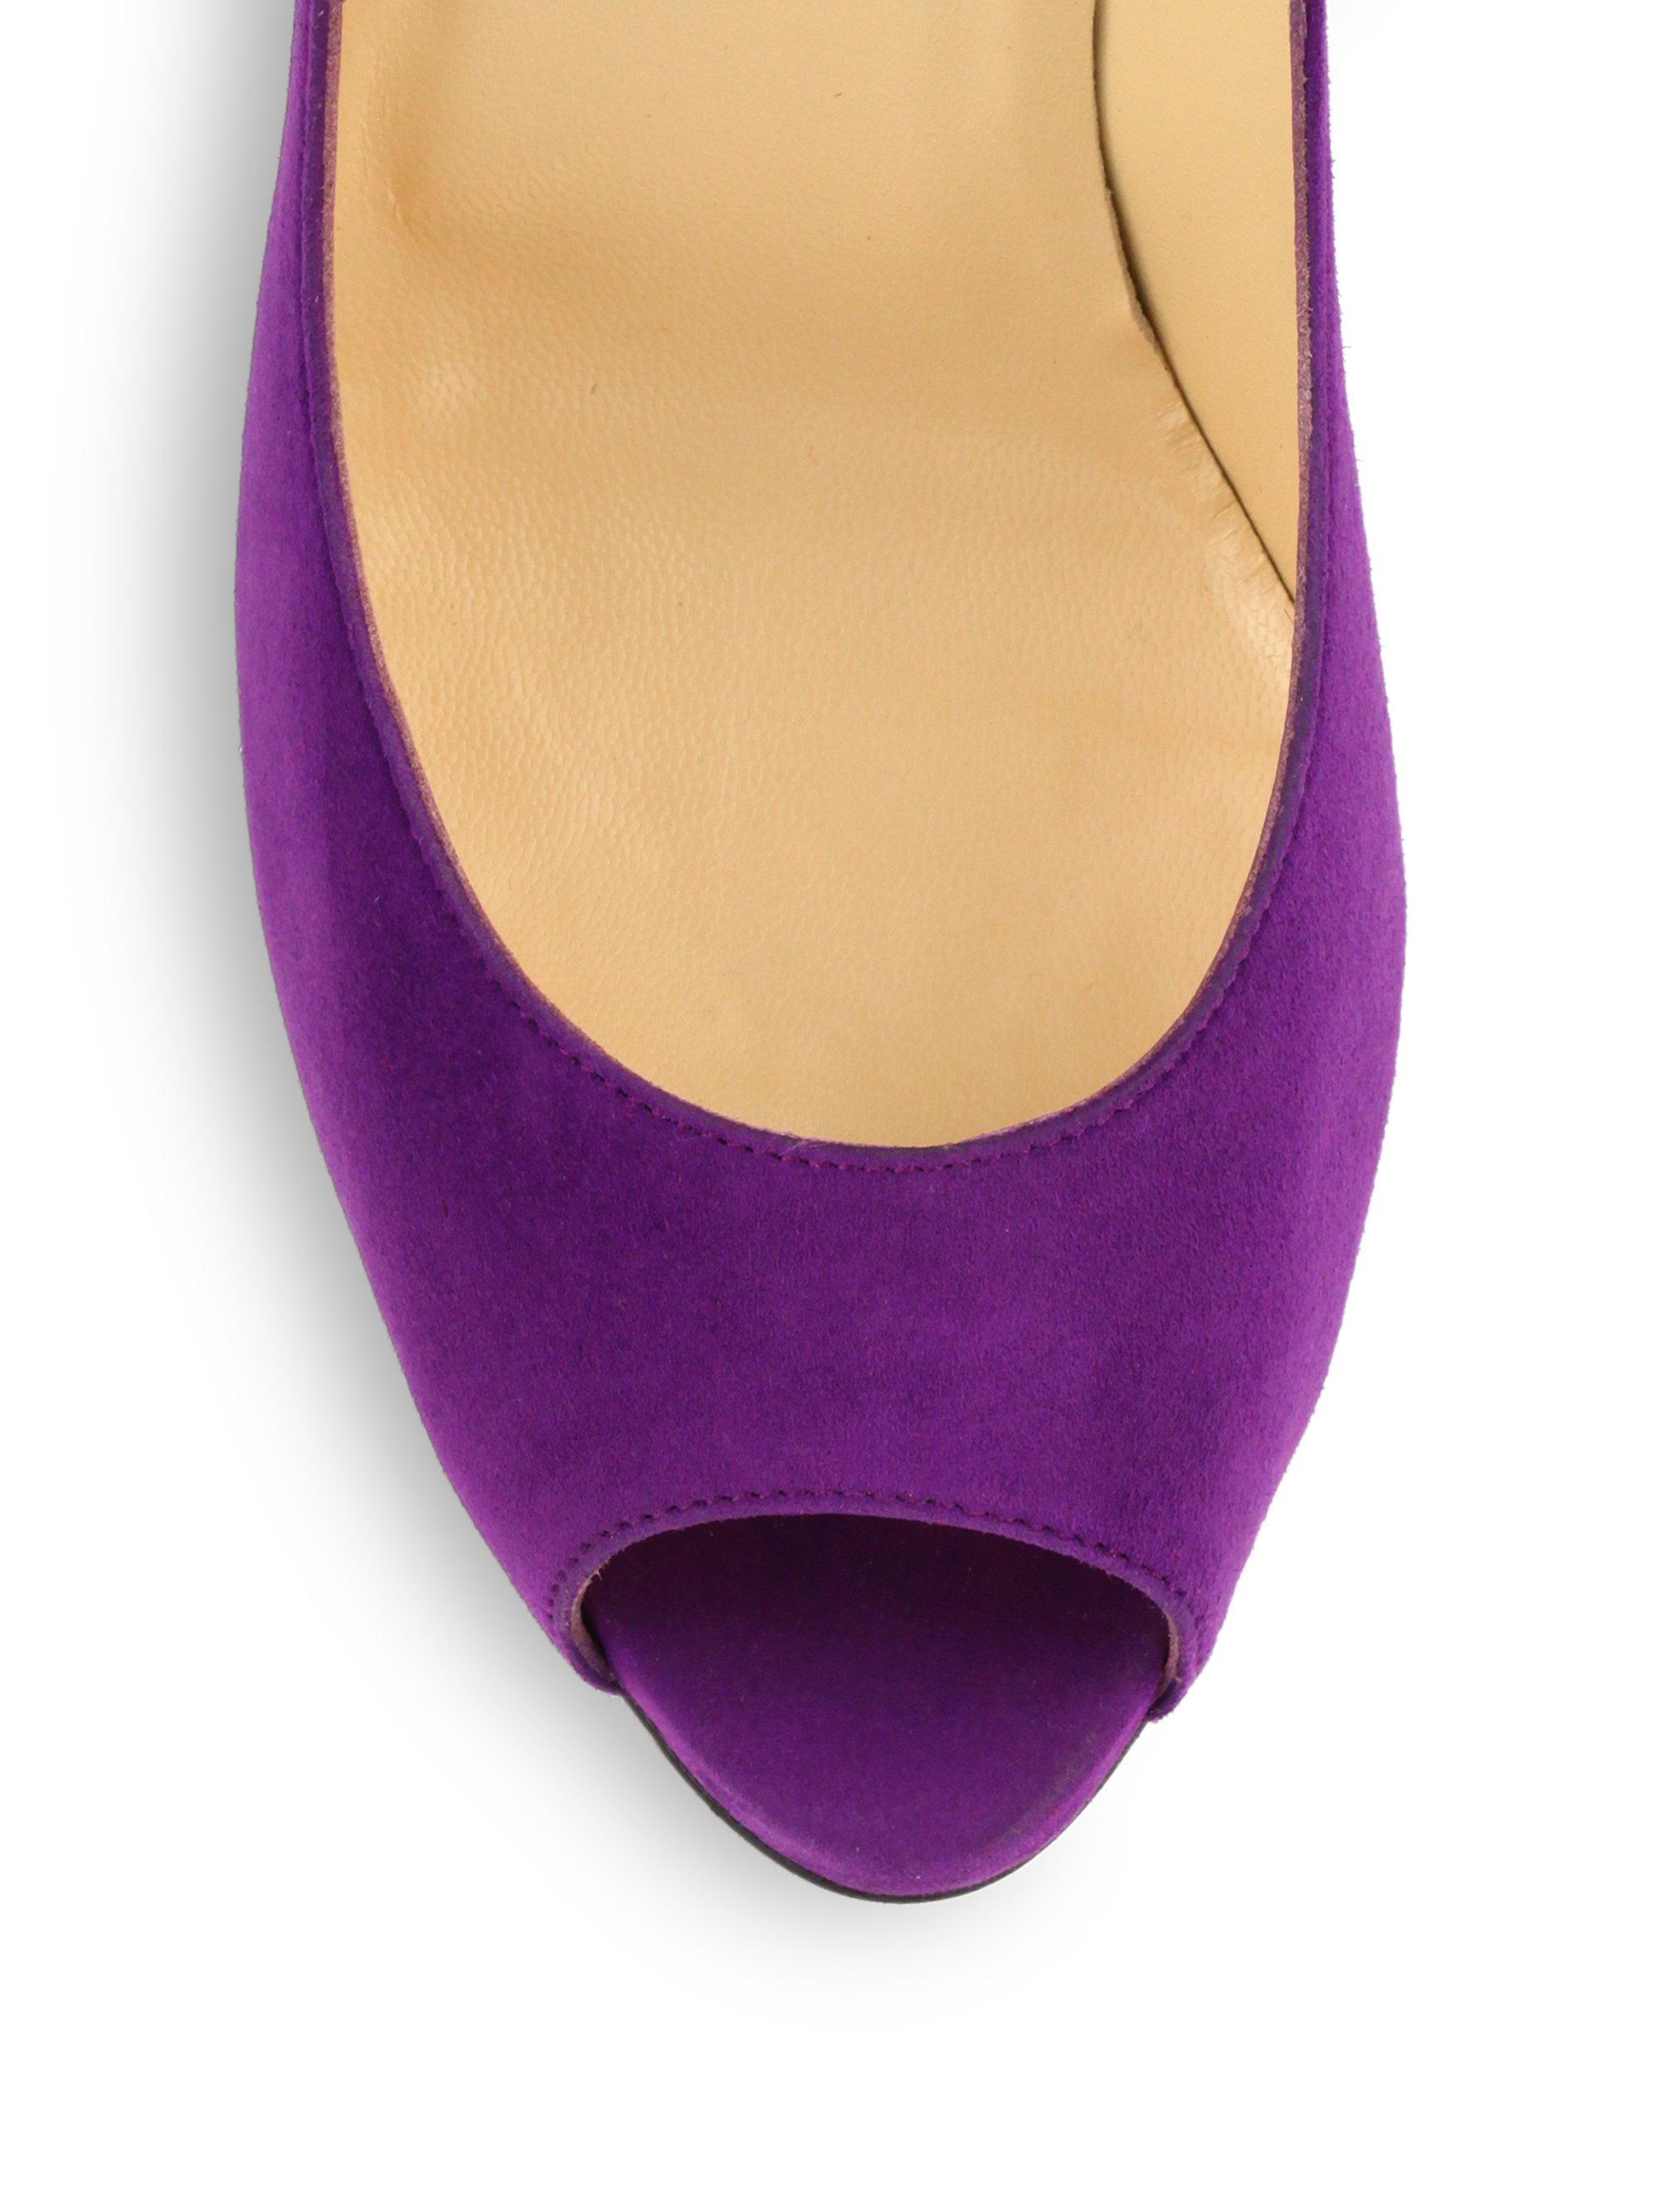 6818c38c592b Lyst - Christian Louboutin Flo Suede Peeptoe Pumps in Purple